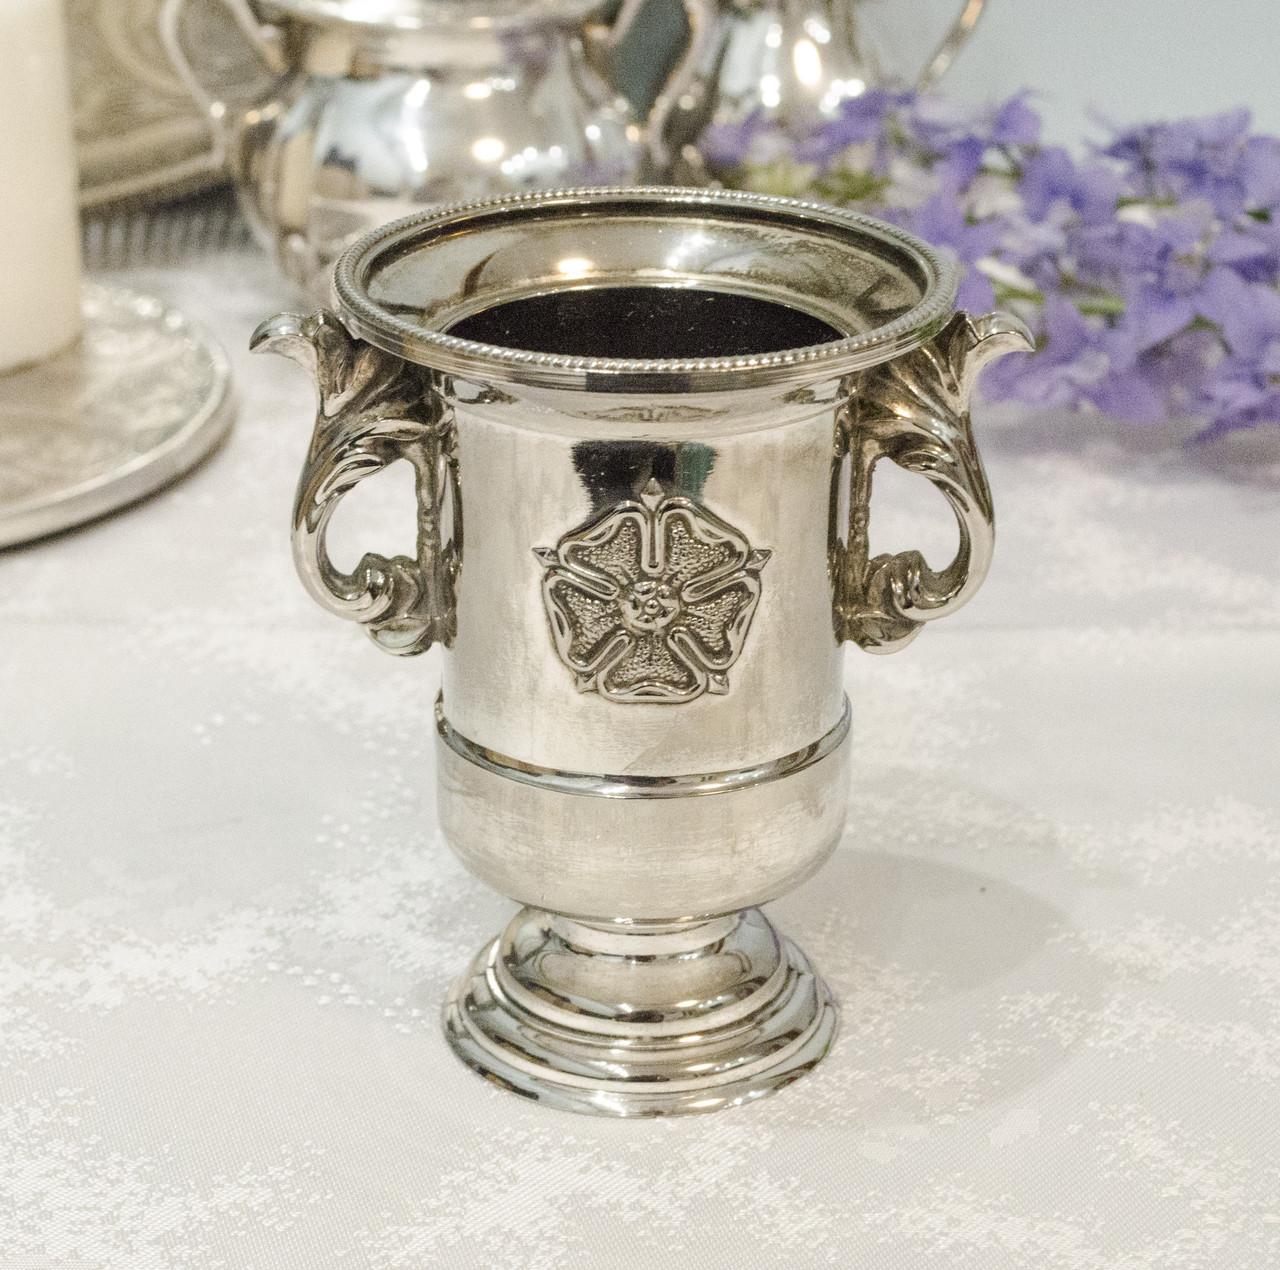 Посеребренная вазочка, подставка для зубочисток, серебрение, Англия, винтаж